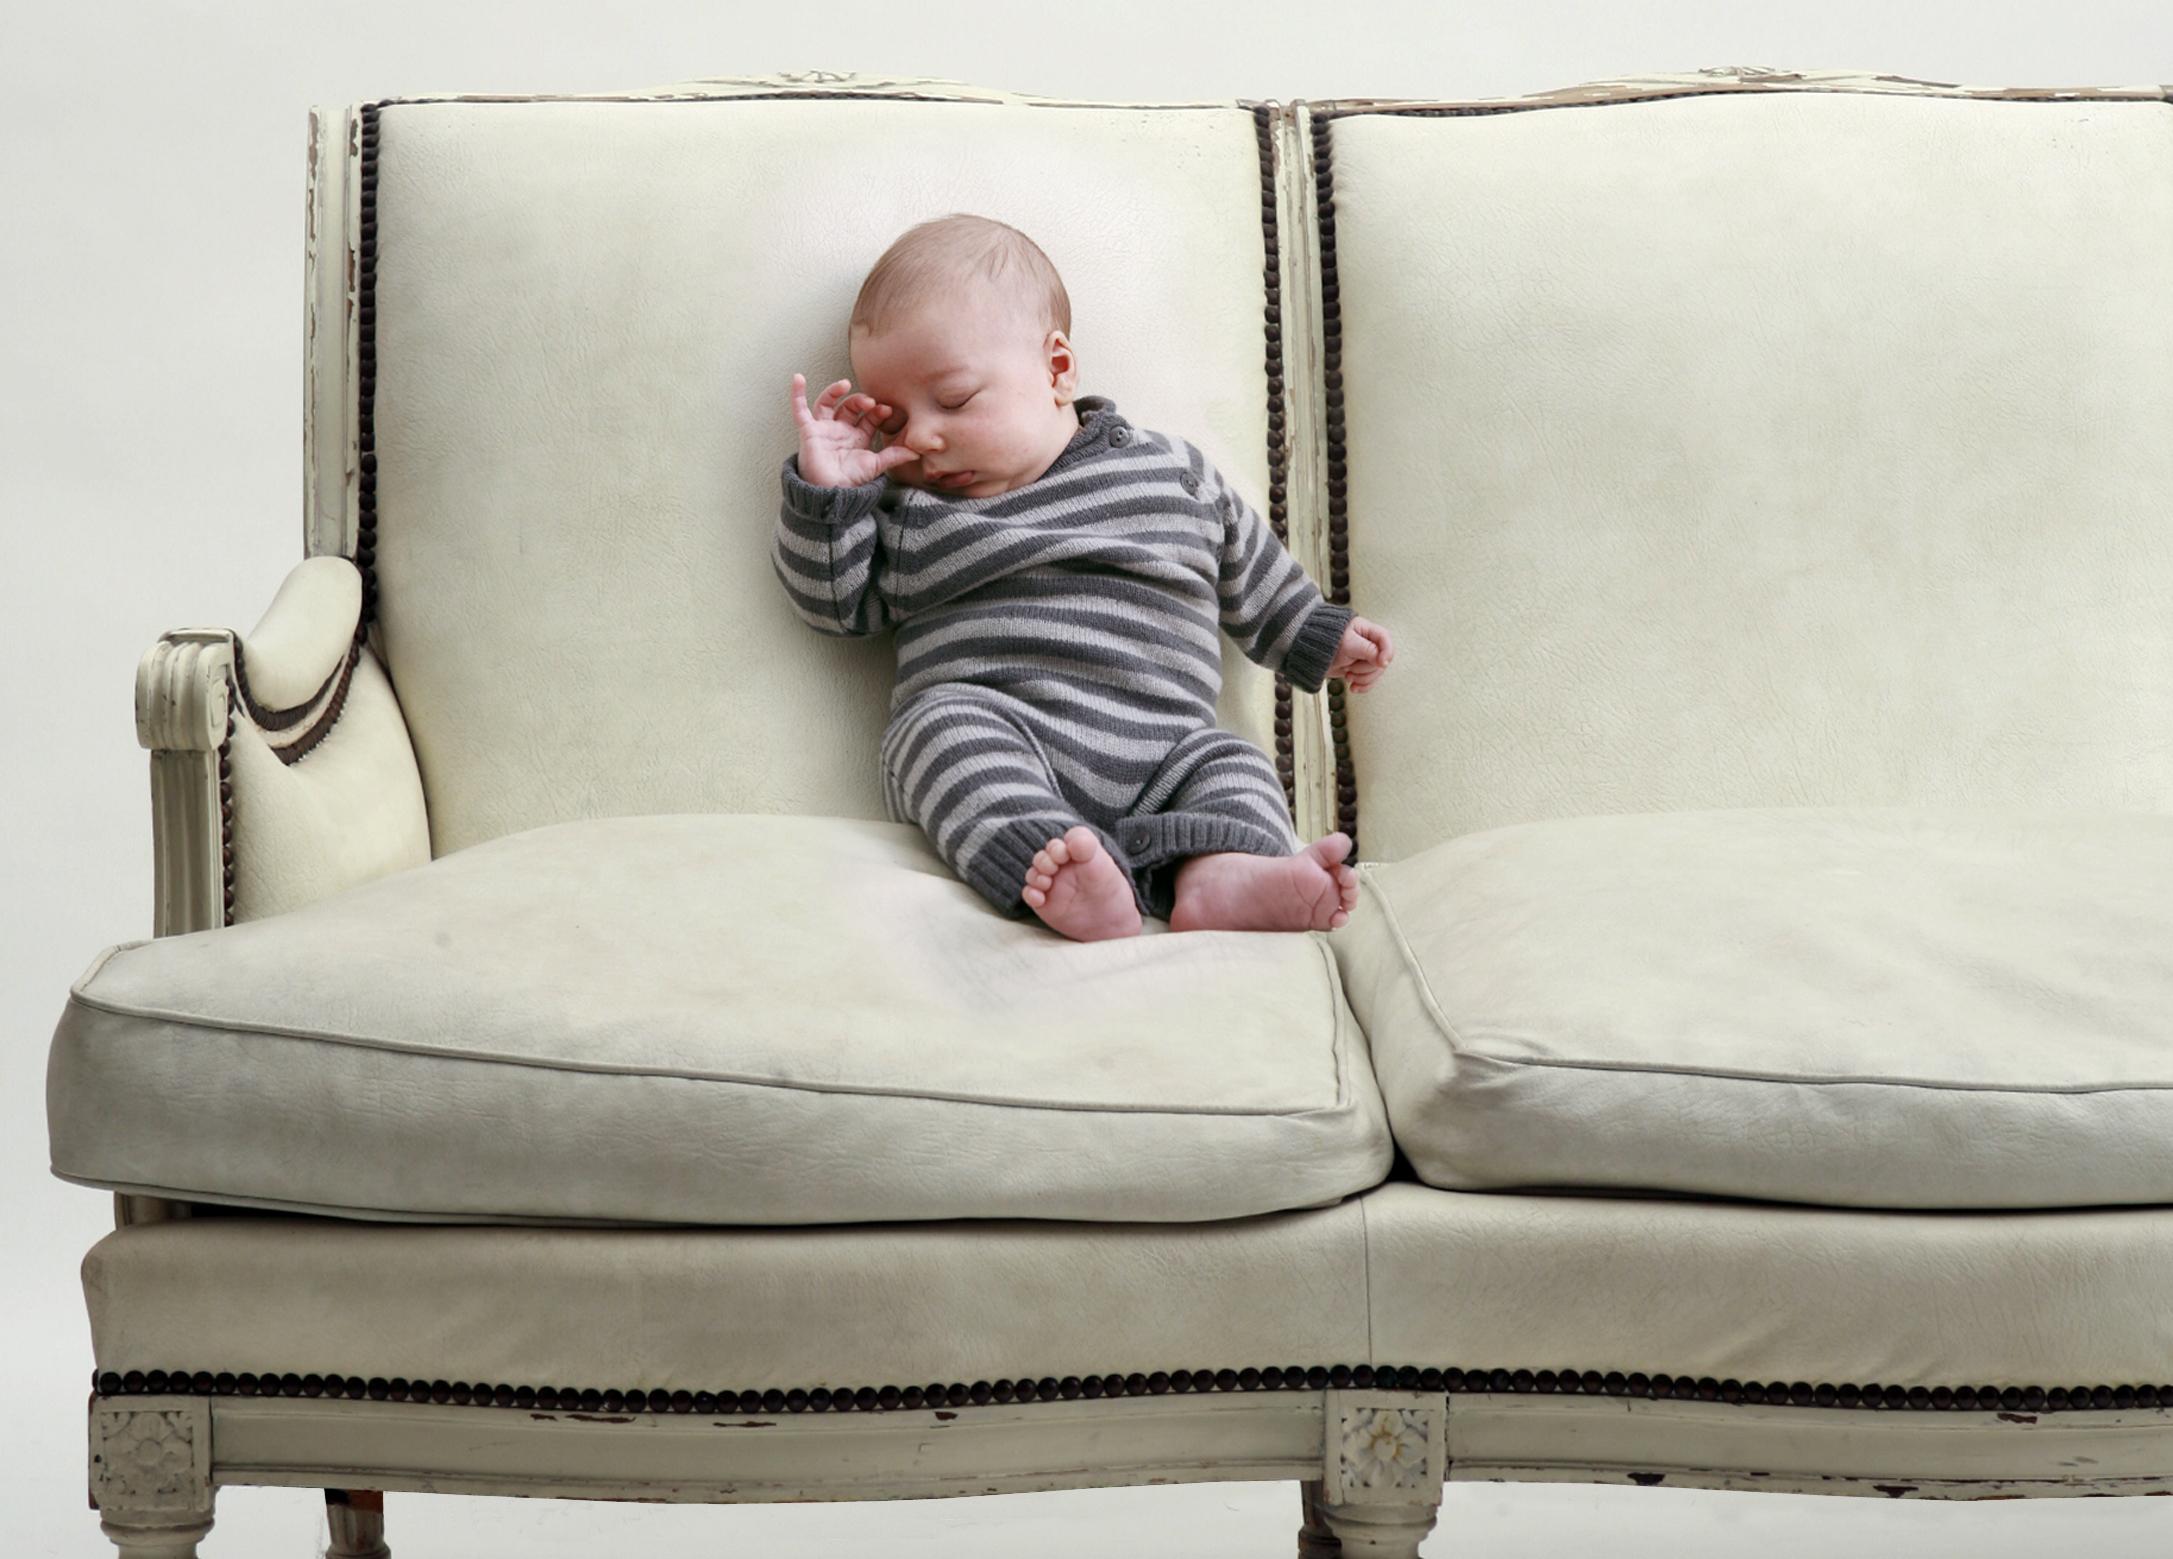 Ang un bebé AW10 _ Serena Eller